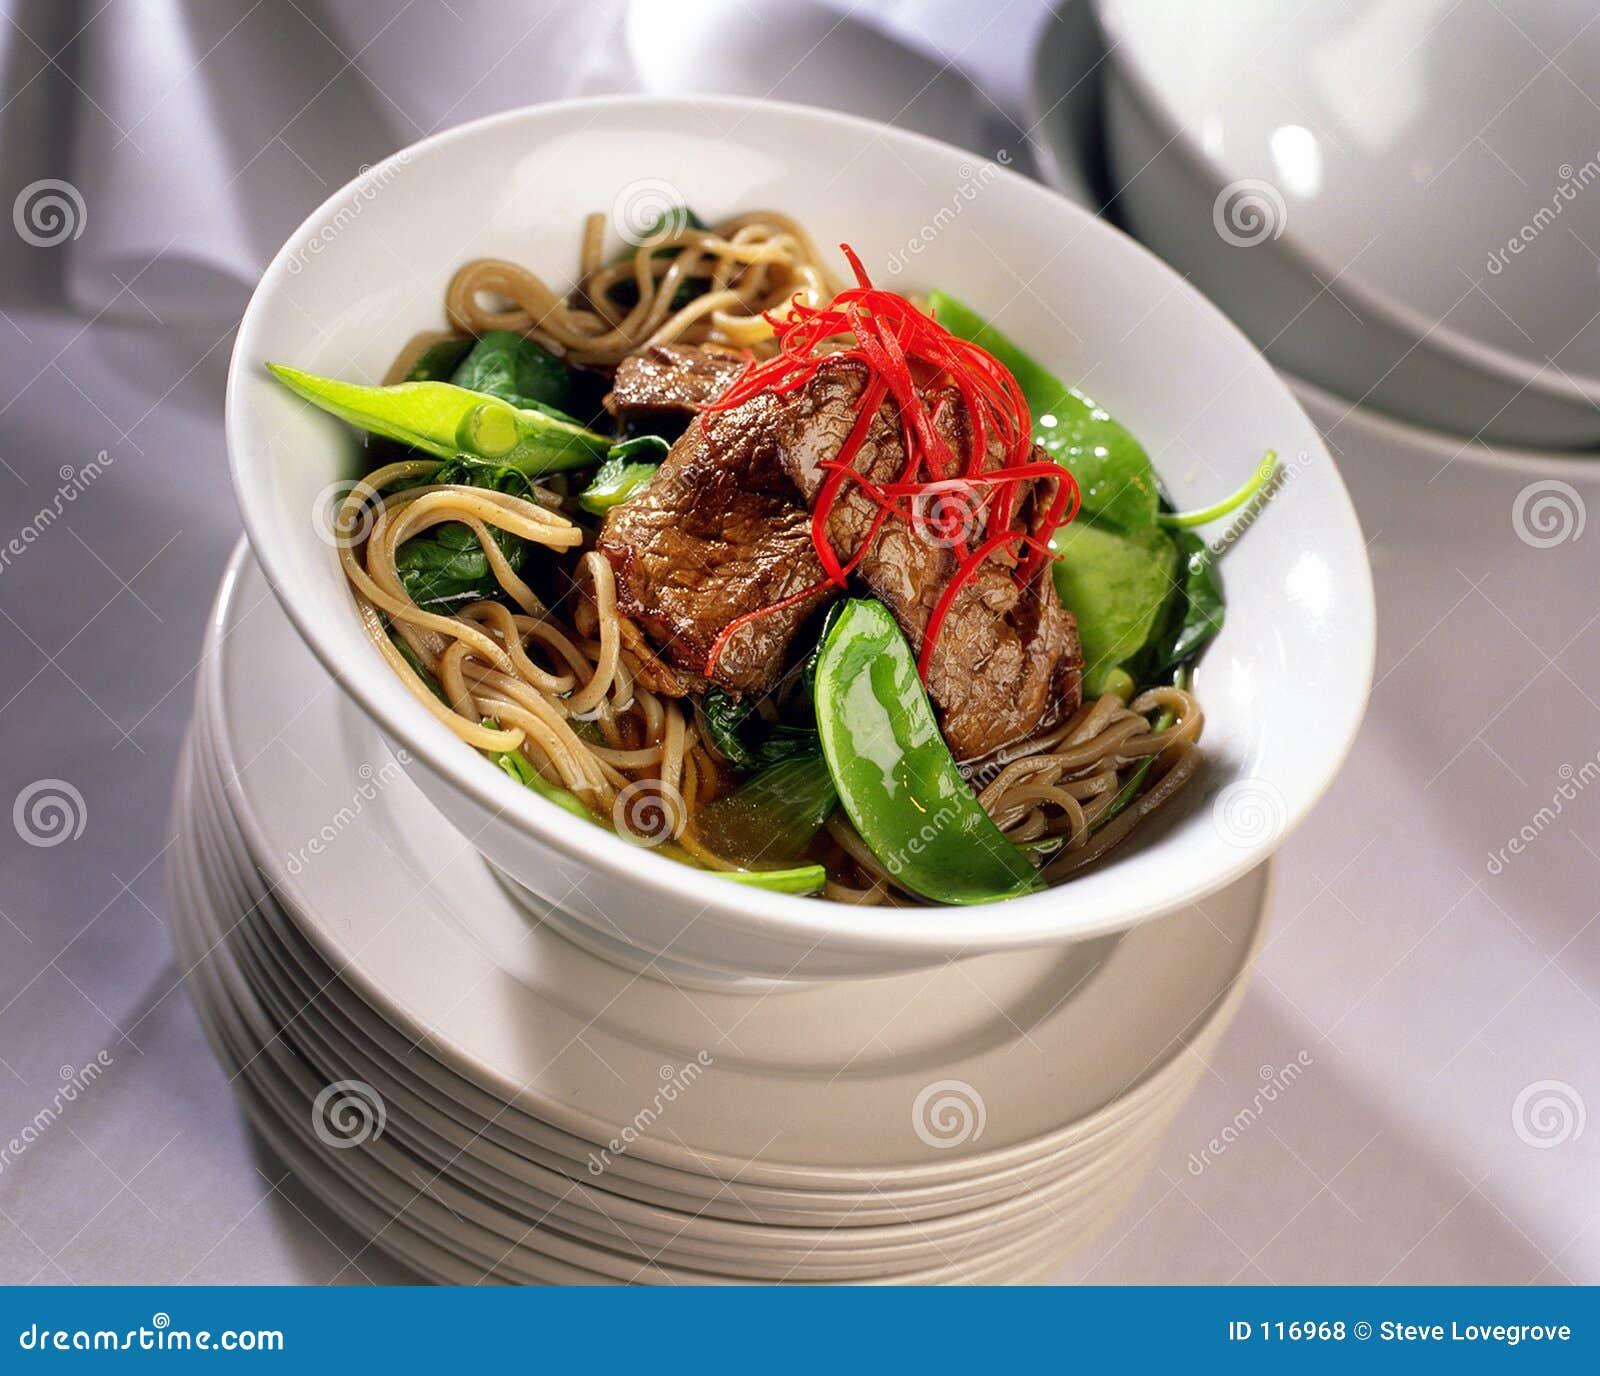 Boeuf asiatique